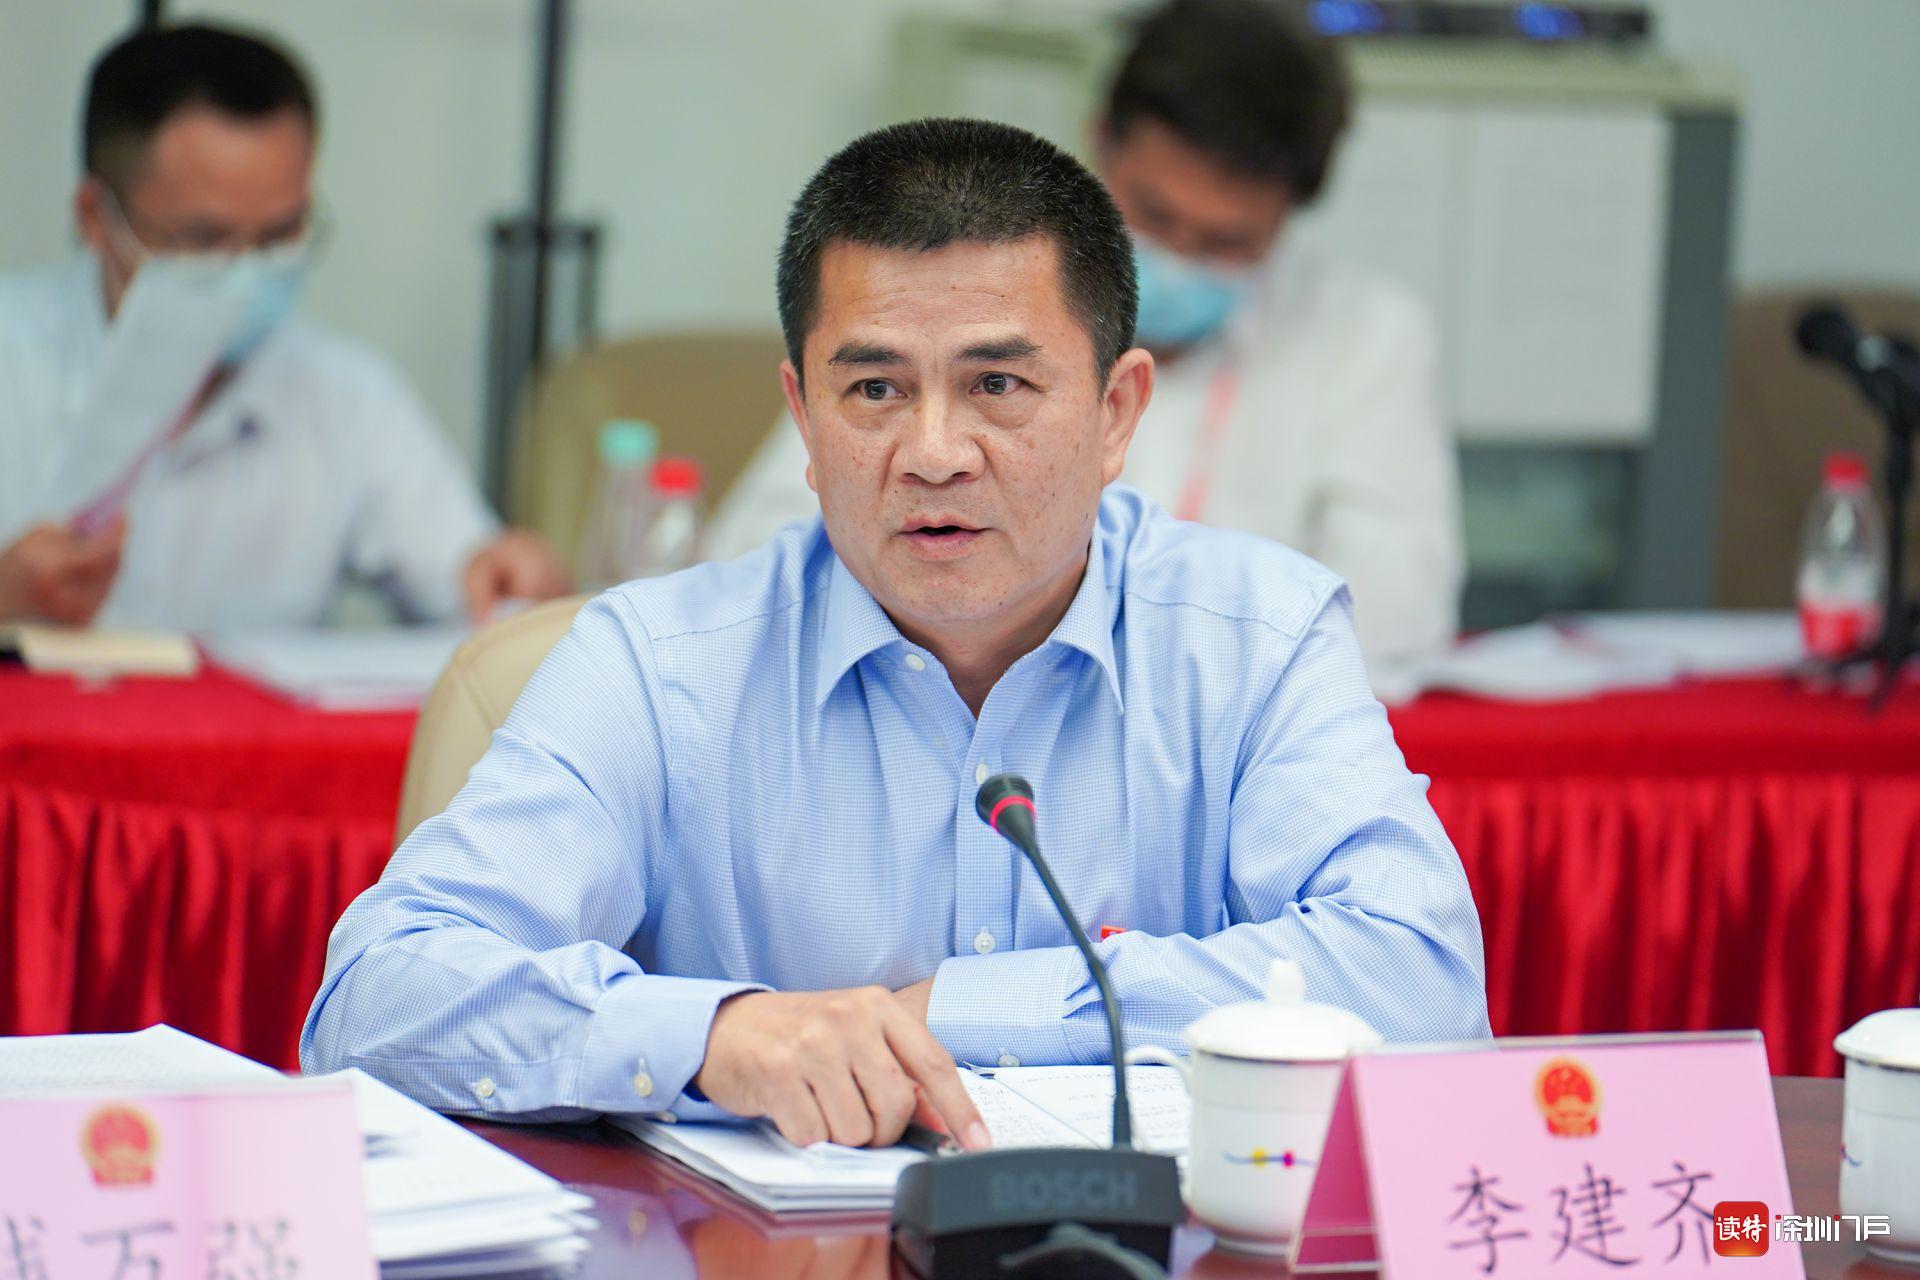 代表建议|深圳市人大代表李建齐:大鹏半岛野生中华蜜蜂待保护